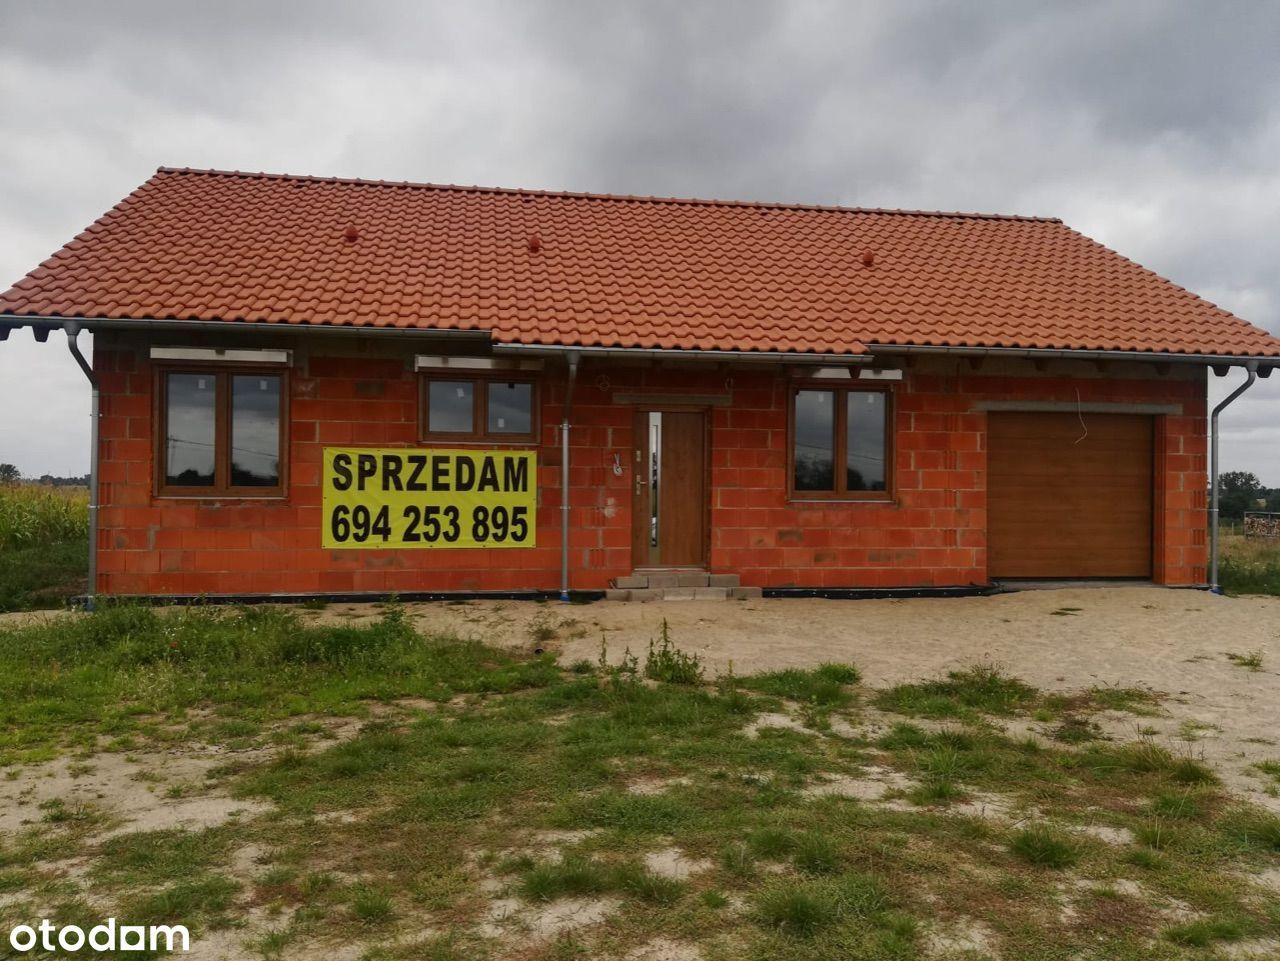 Sprzedam dom wolnostojący parterowy